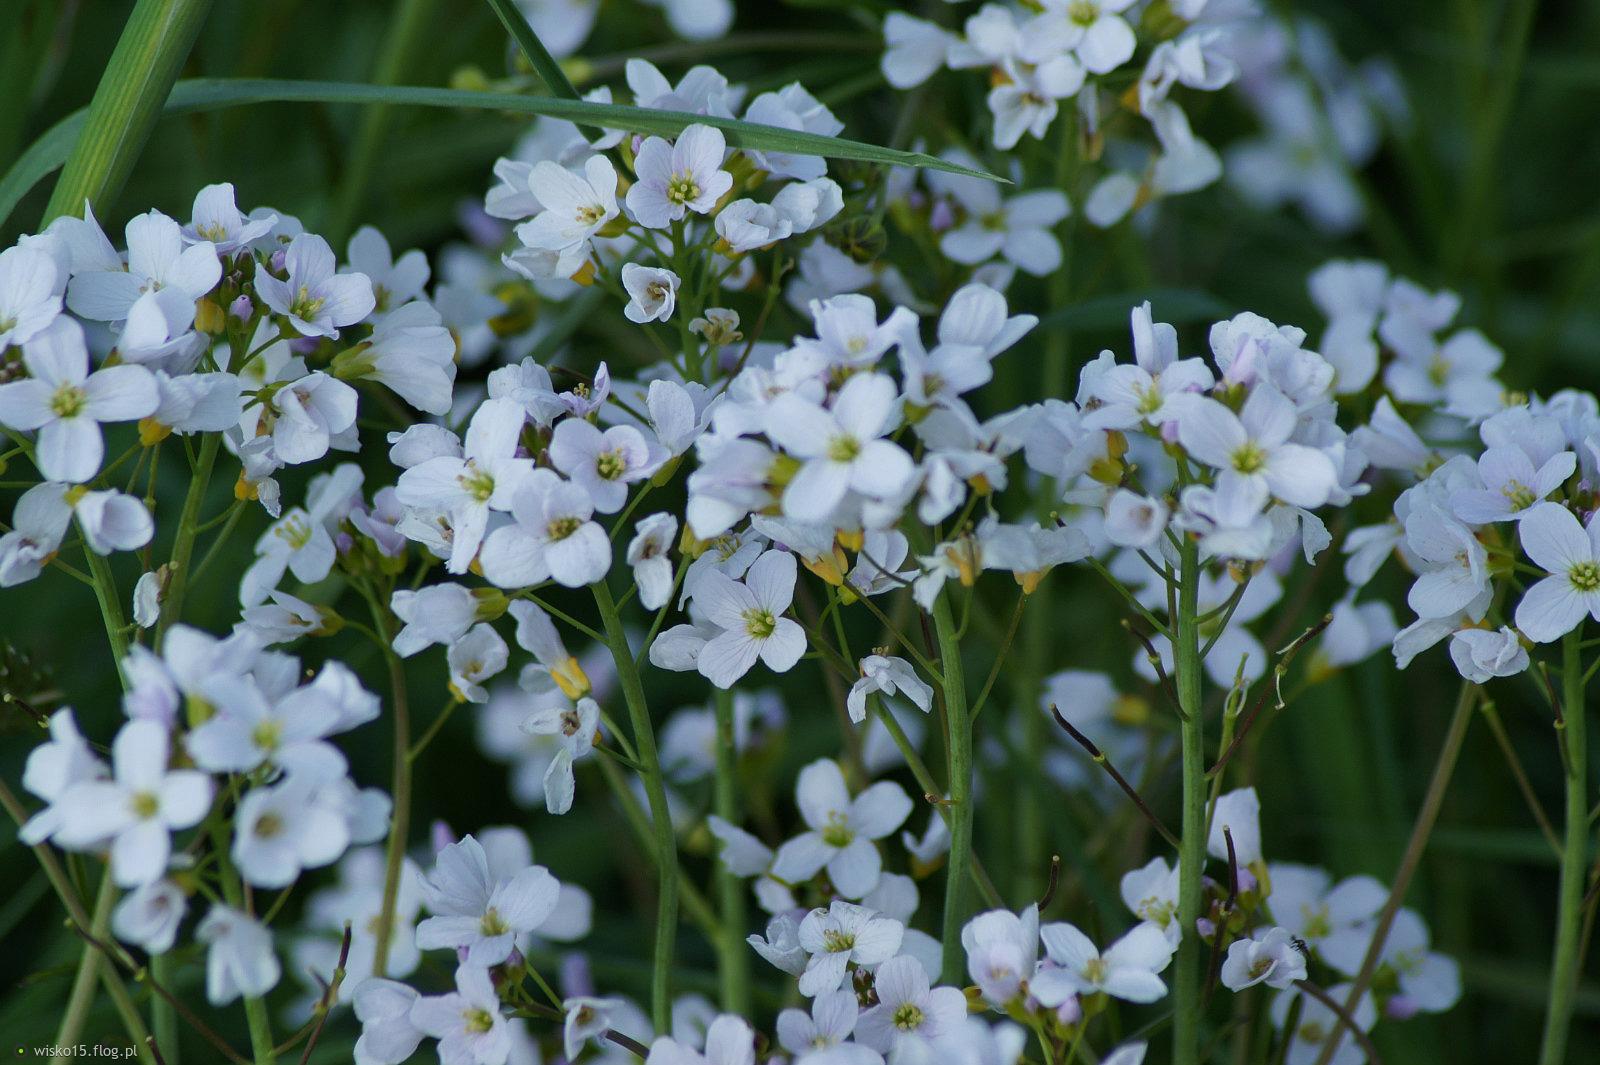 Kwiaty Lakowe Zdjecie Fotoblog Wisko15 Flog Pl